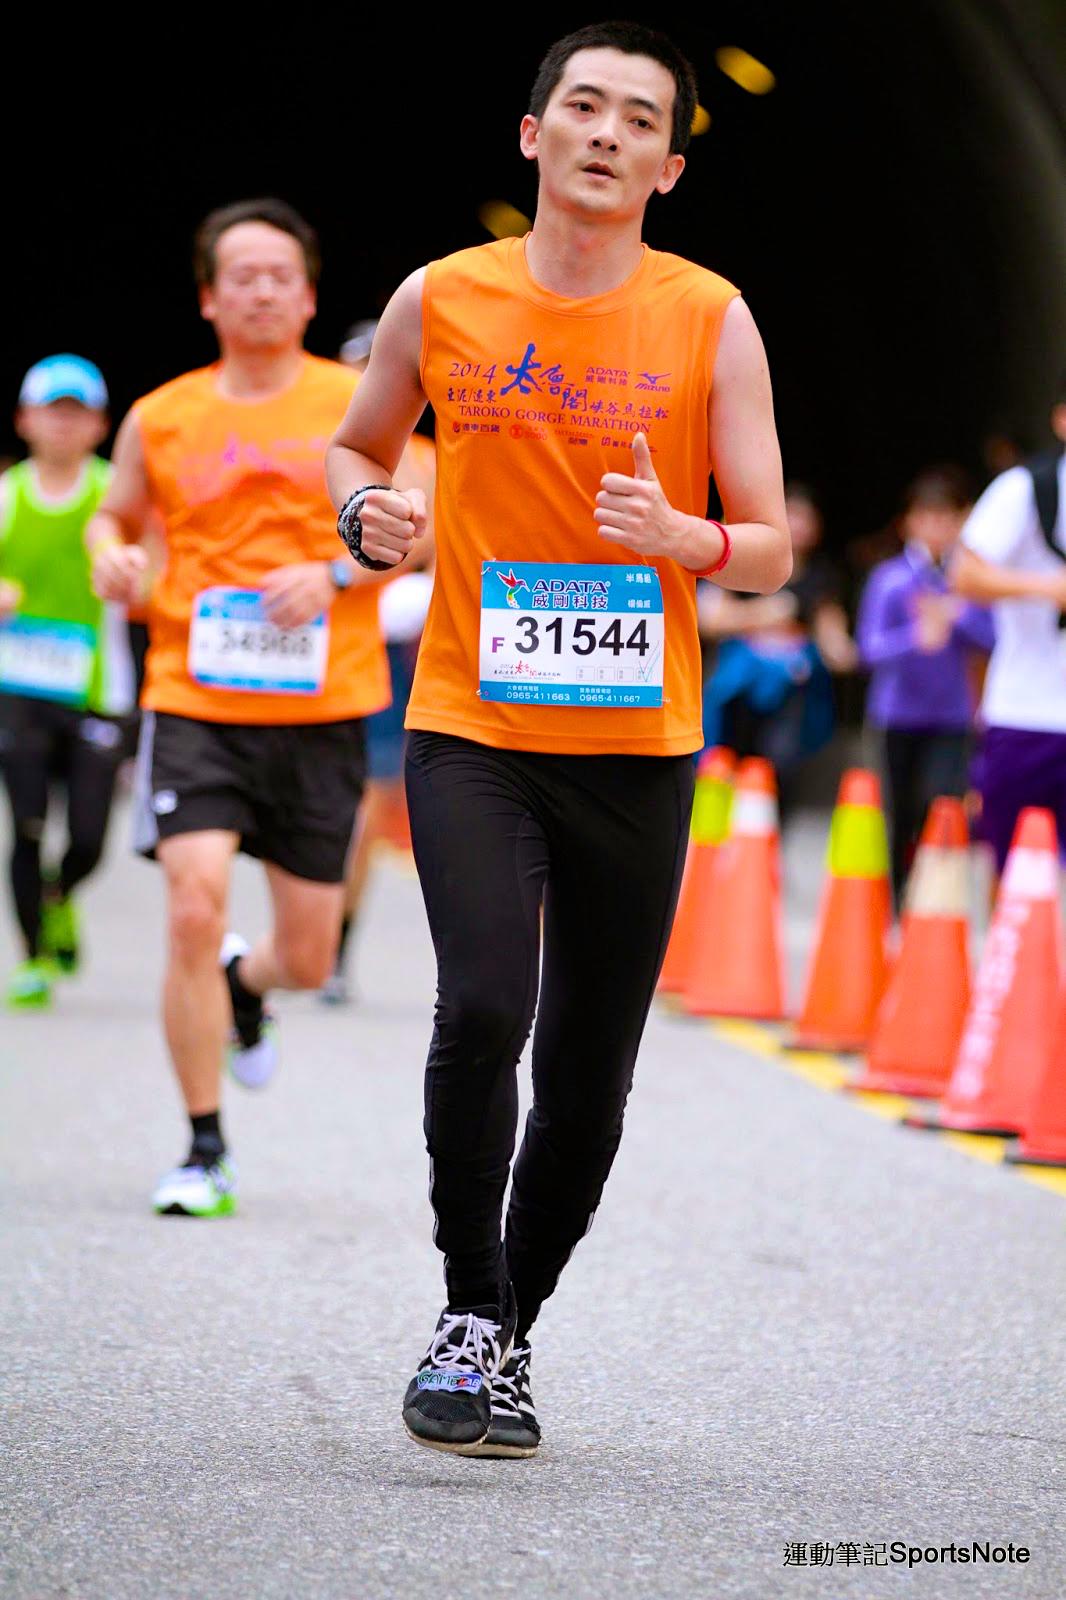 2014 太魯閣峽谷馬拉松:馬拉松(半馬)初體驗! | 一路跌跌撞撞...